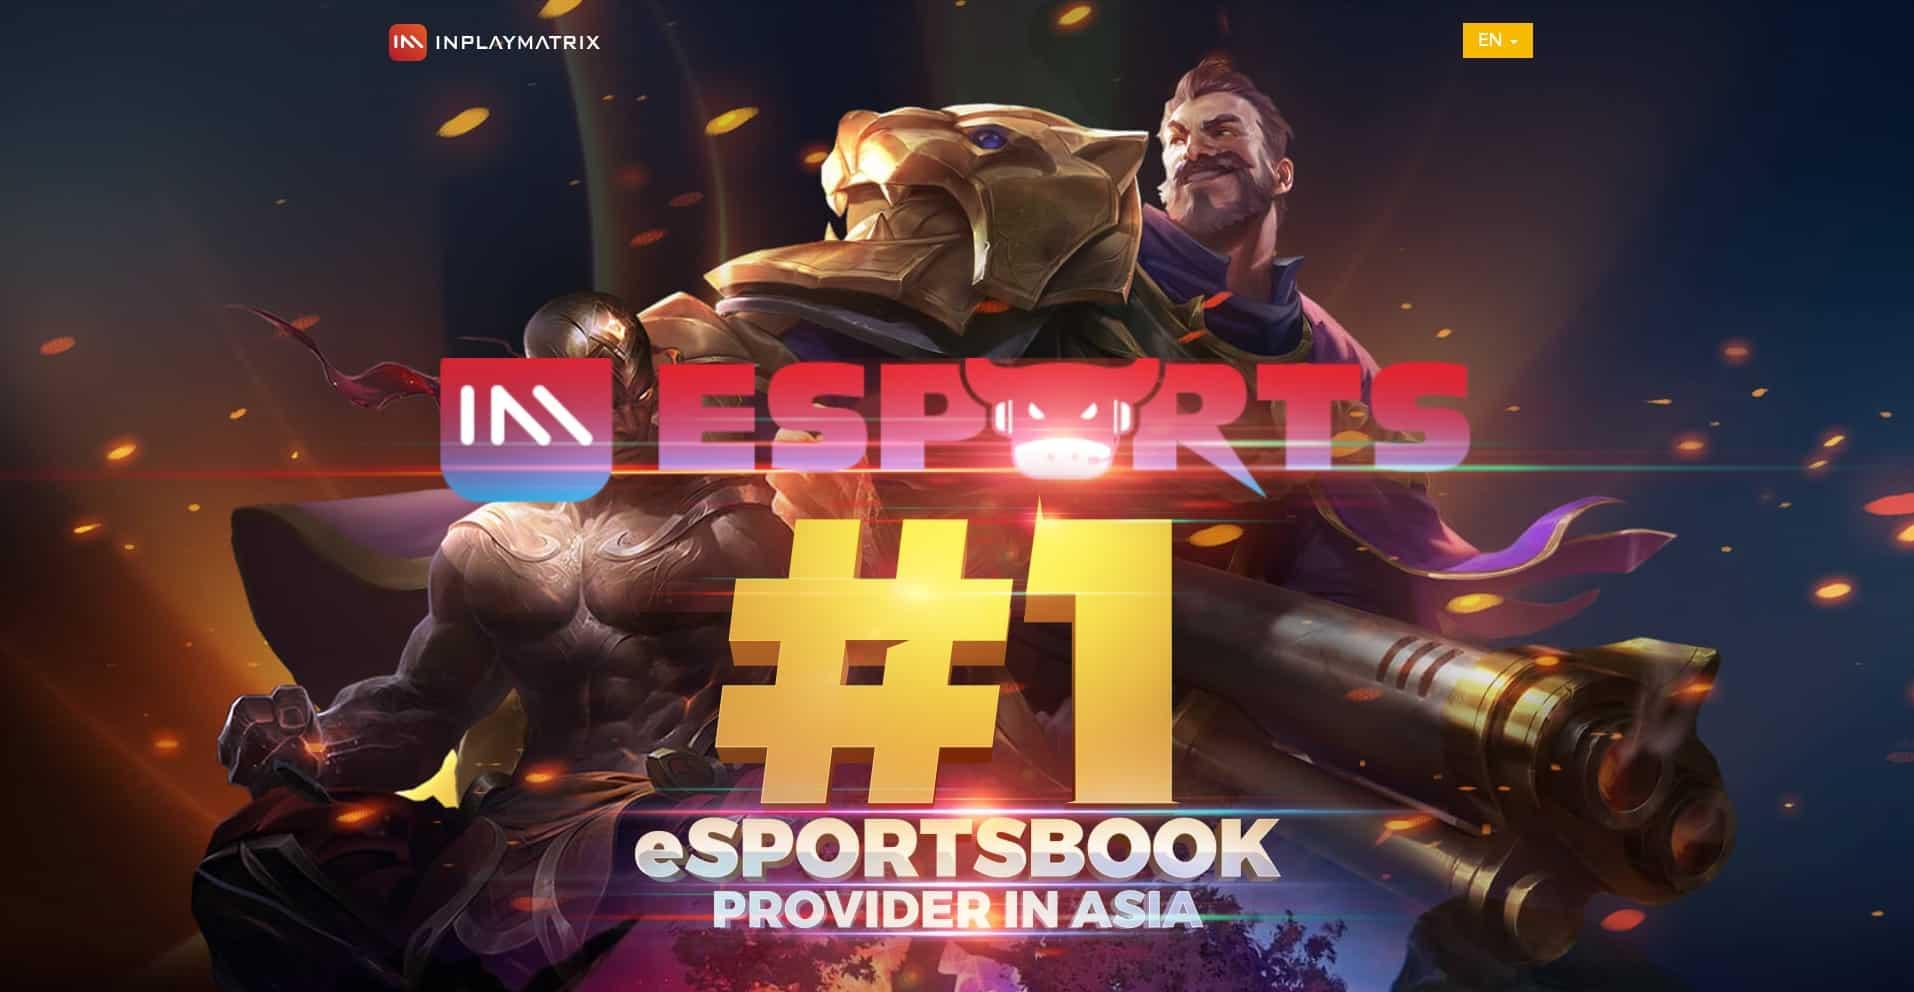 IM eSport